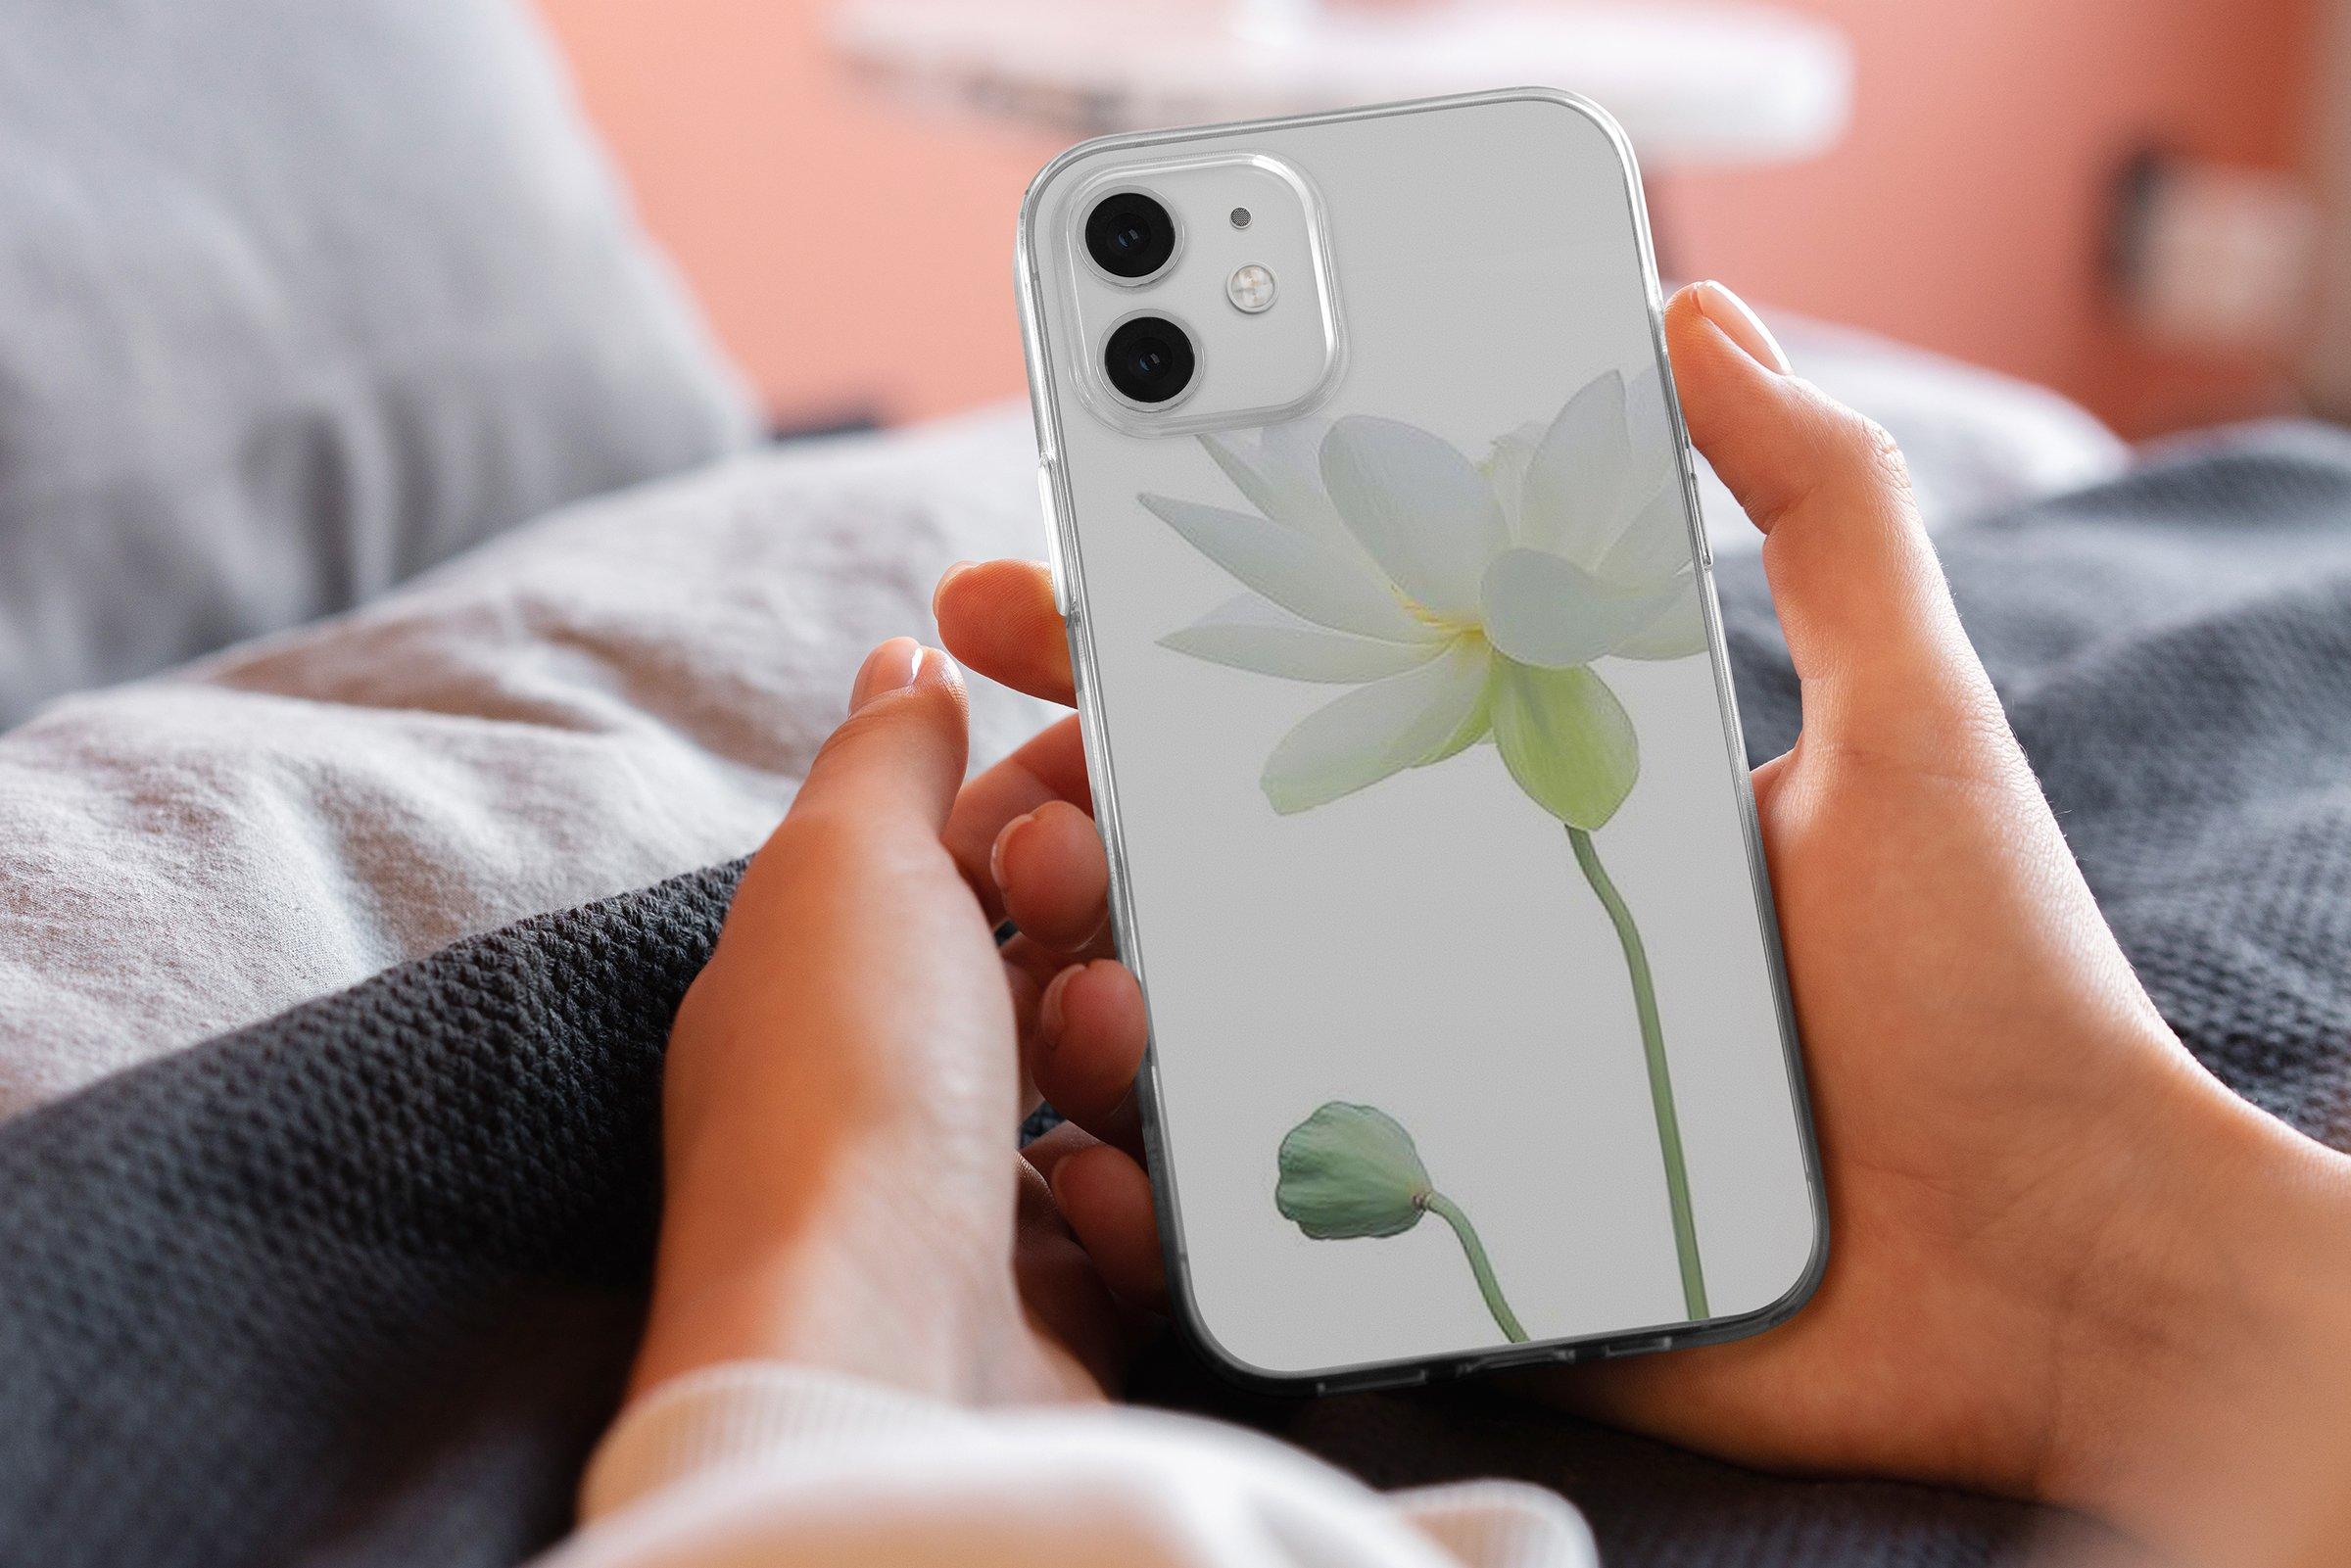 15款时尚苹果iPhone 12手机保护壳设计PS智能贴图样机模板 iPhone 12 Clear Case MockUp Vol.2插图5